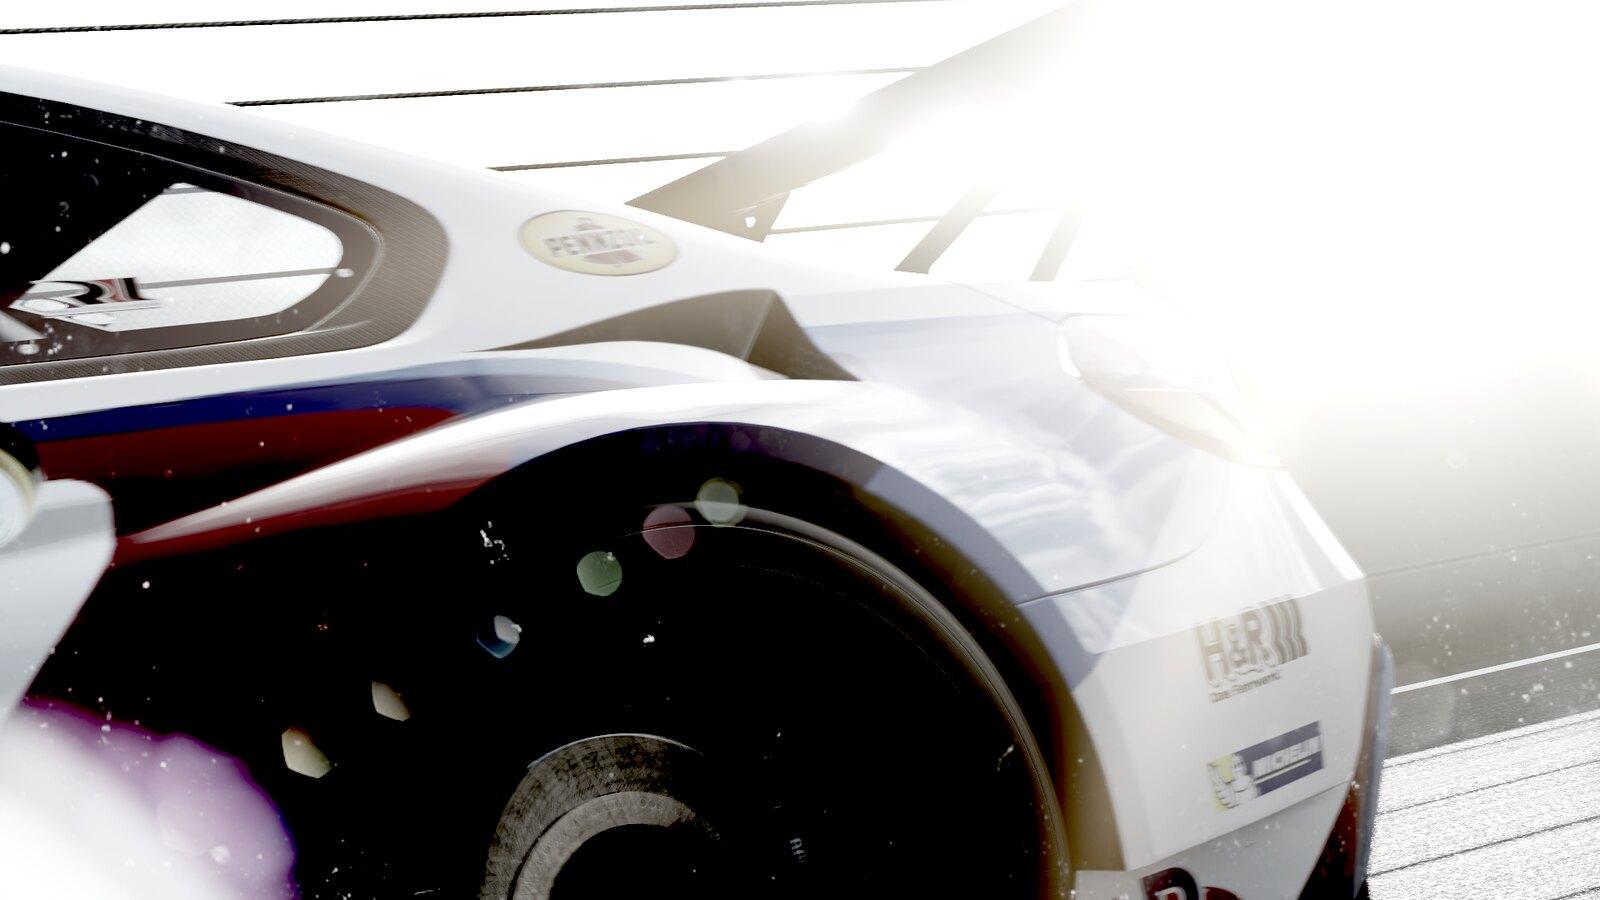 39765640022_97e7593c67_h ForzaMotorsport.fr